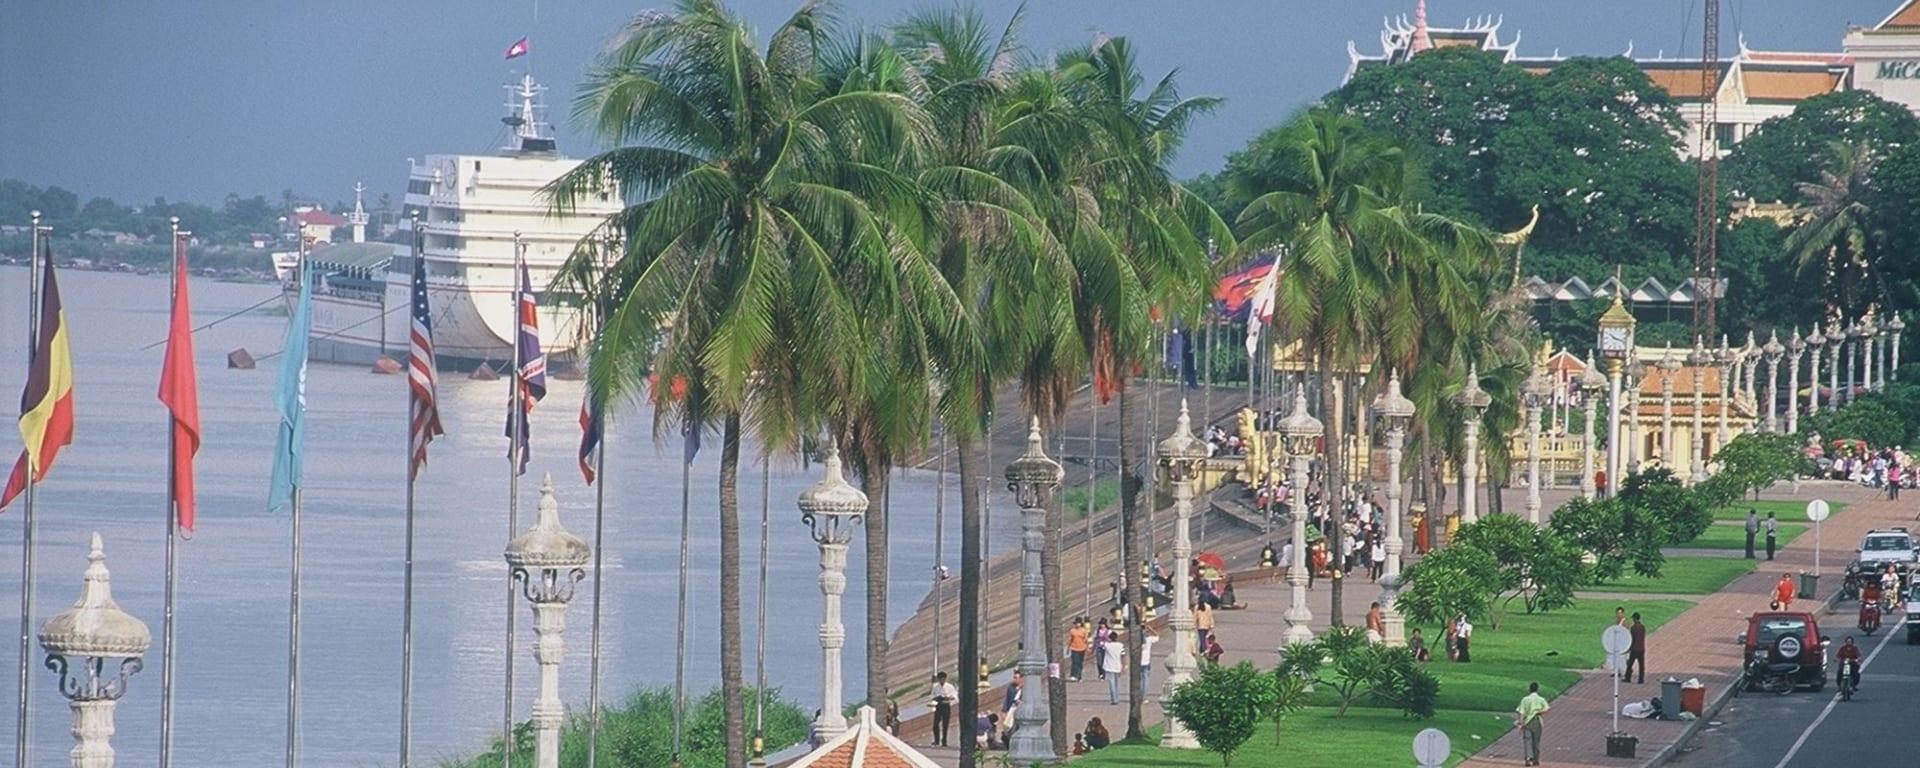 Tour de ville en Tuk Tuk à Phnom Penh: Phnom Penh River Promenade